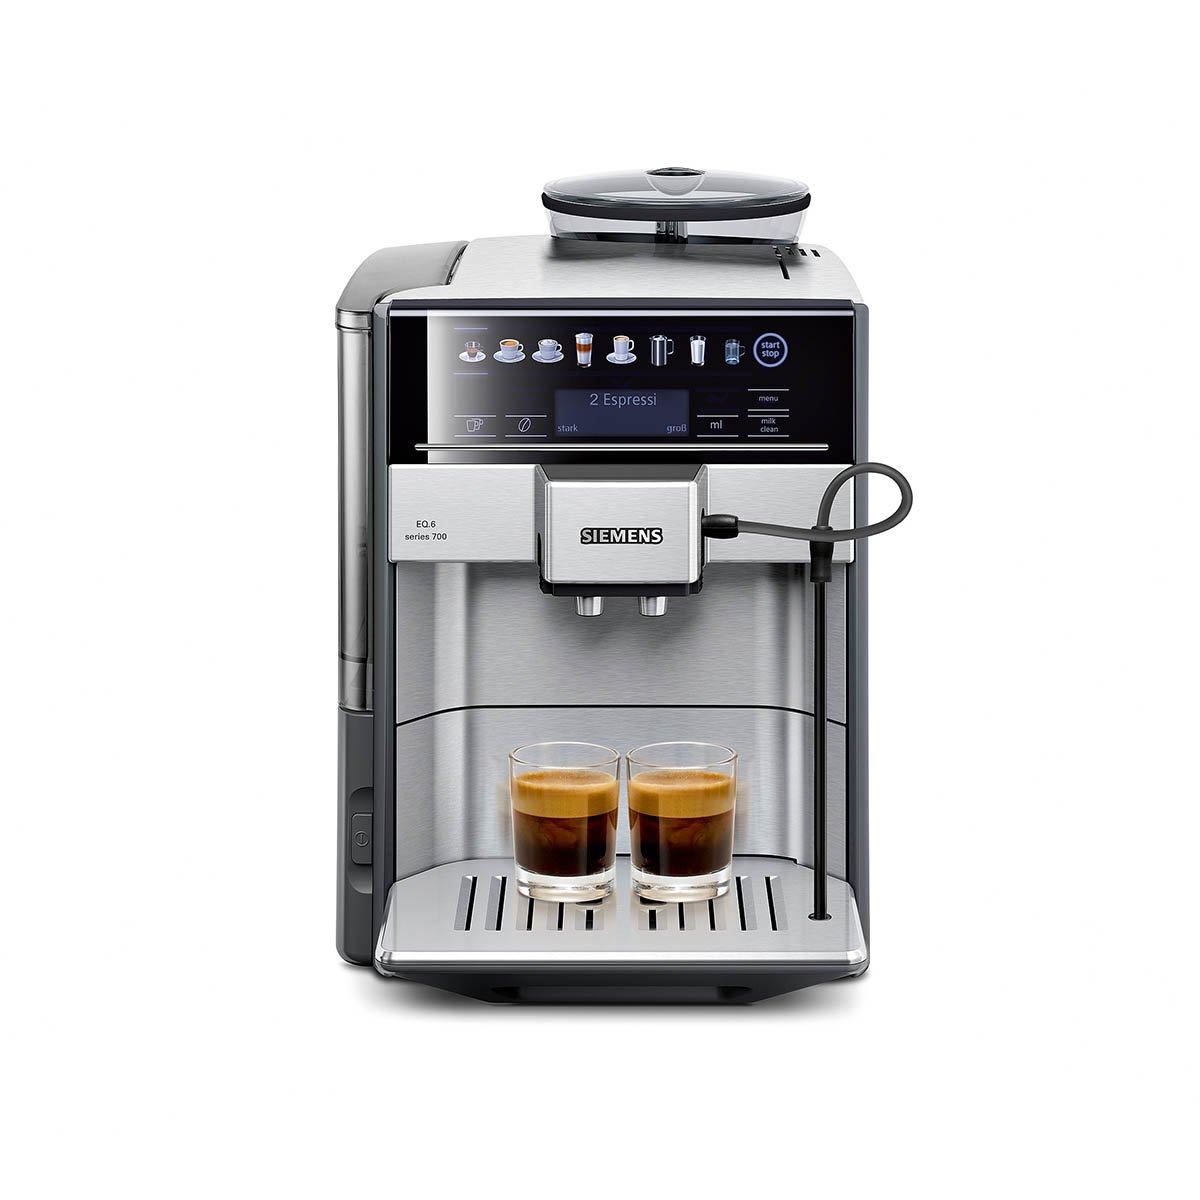 Siemens TE617503DE macchina per caffè automatica EQ.6700, scelta diretta tramite il display con sensore, oneTouch DoupleCup, sensore di livello elettronico, in acciaio inox e colore grigio